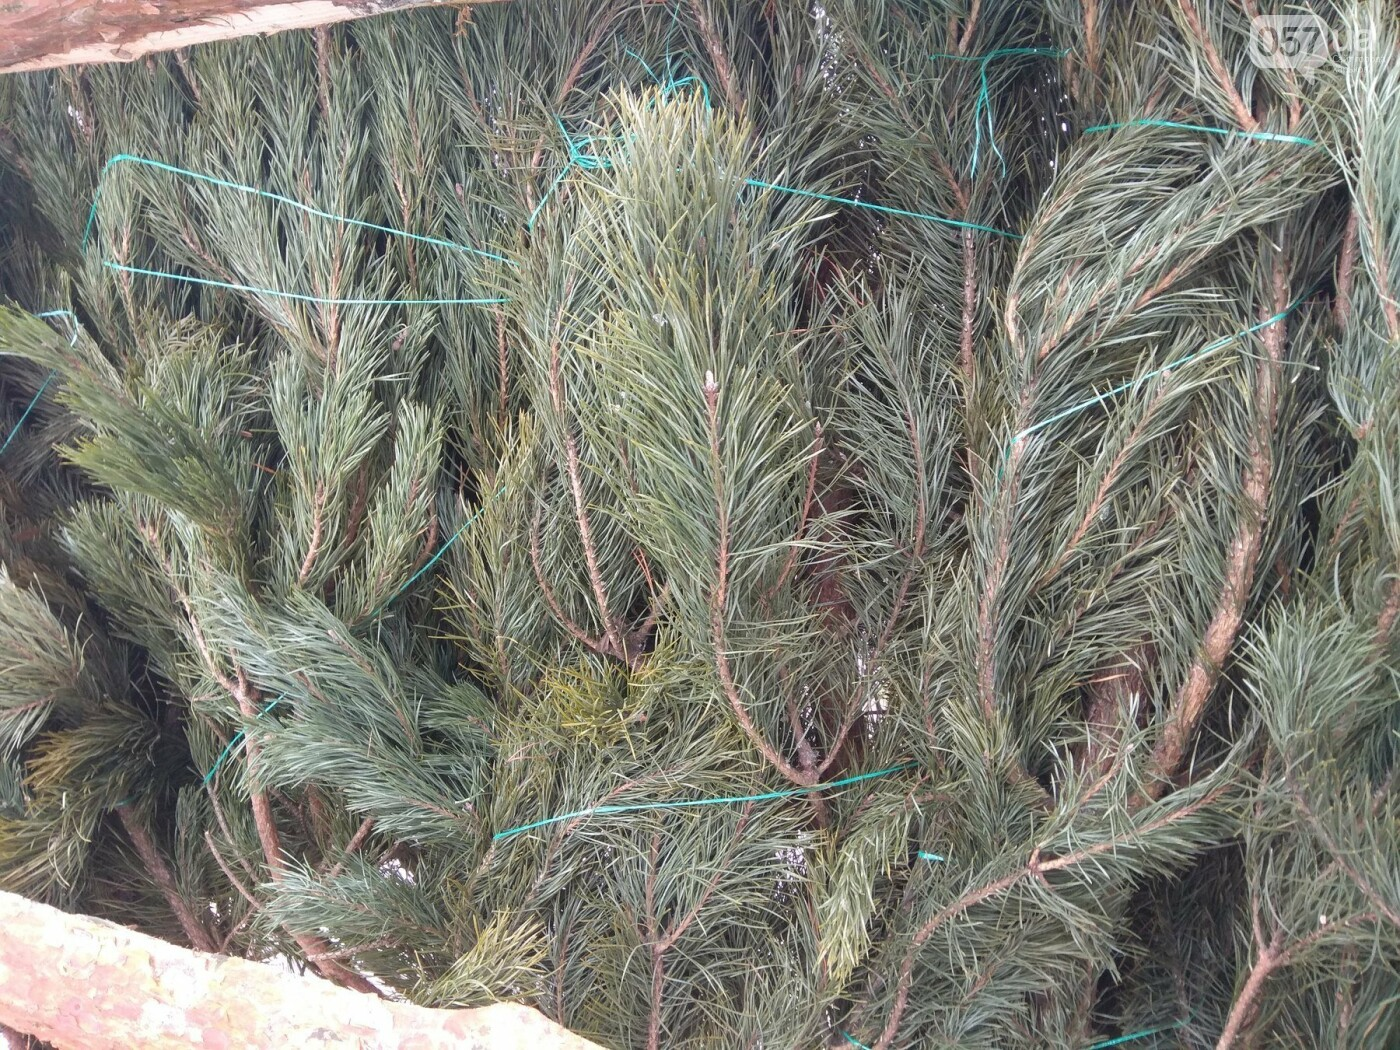 Новогодние елки в Харькове. Где и за сколько можно купить, - ФОТО, фото-3